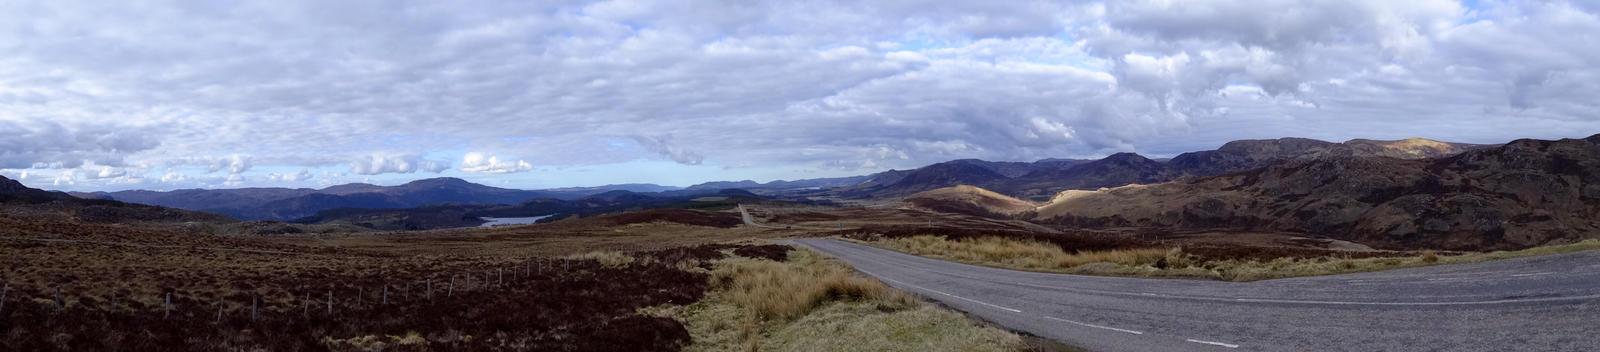 Greetings from Scotland! by Sleepwalker1803